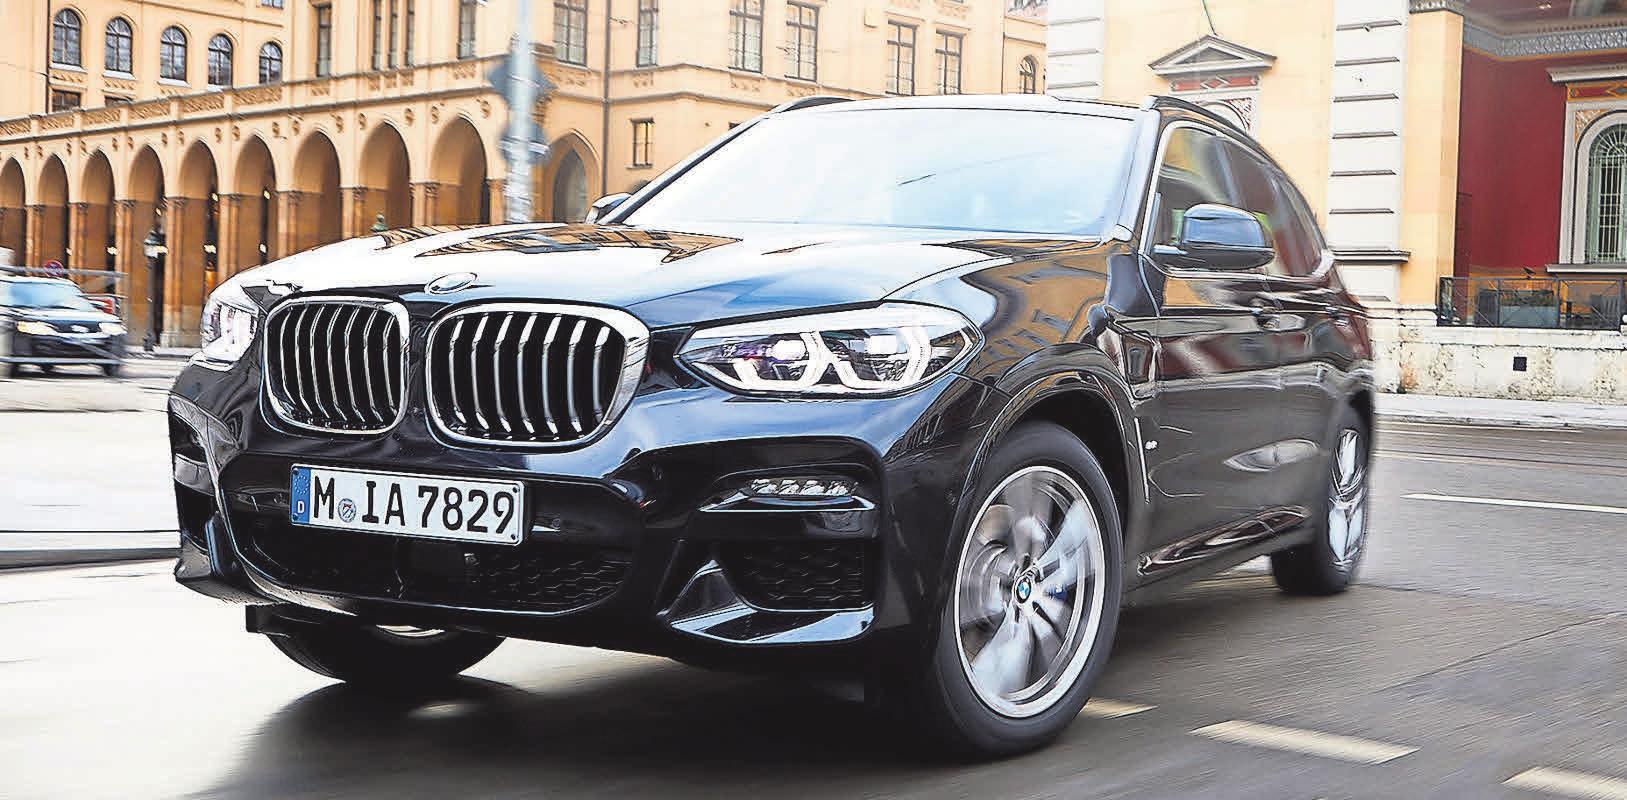 Der neue X3 xDrive30e von BMW Foto: WILFRIED WULFF